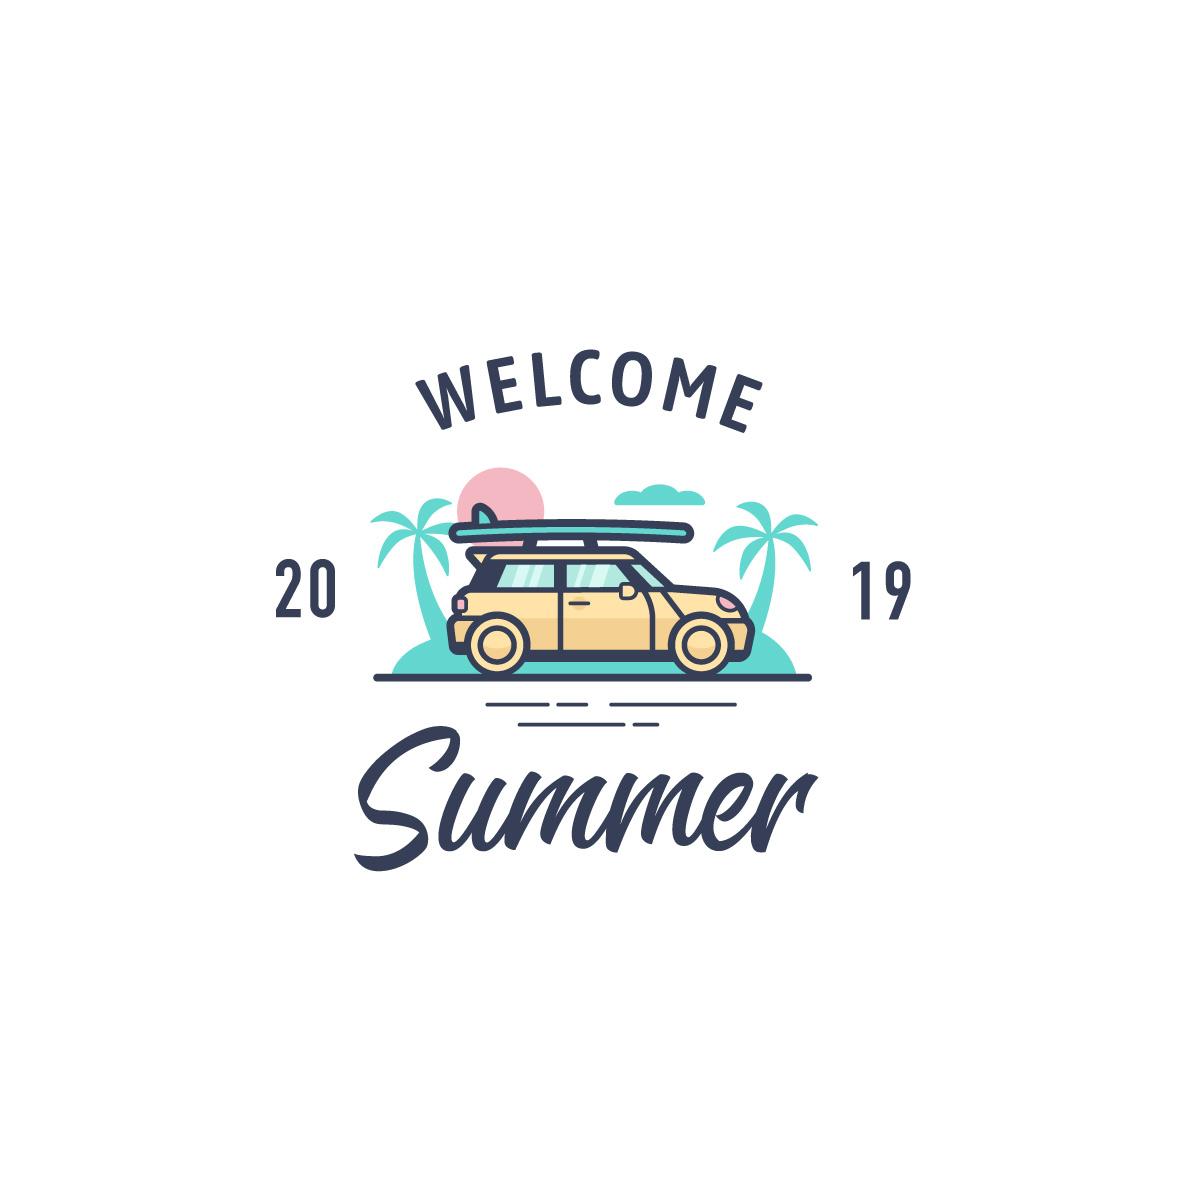 welcome-summer-darker.jpg